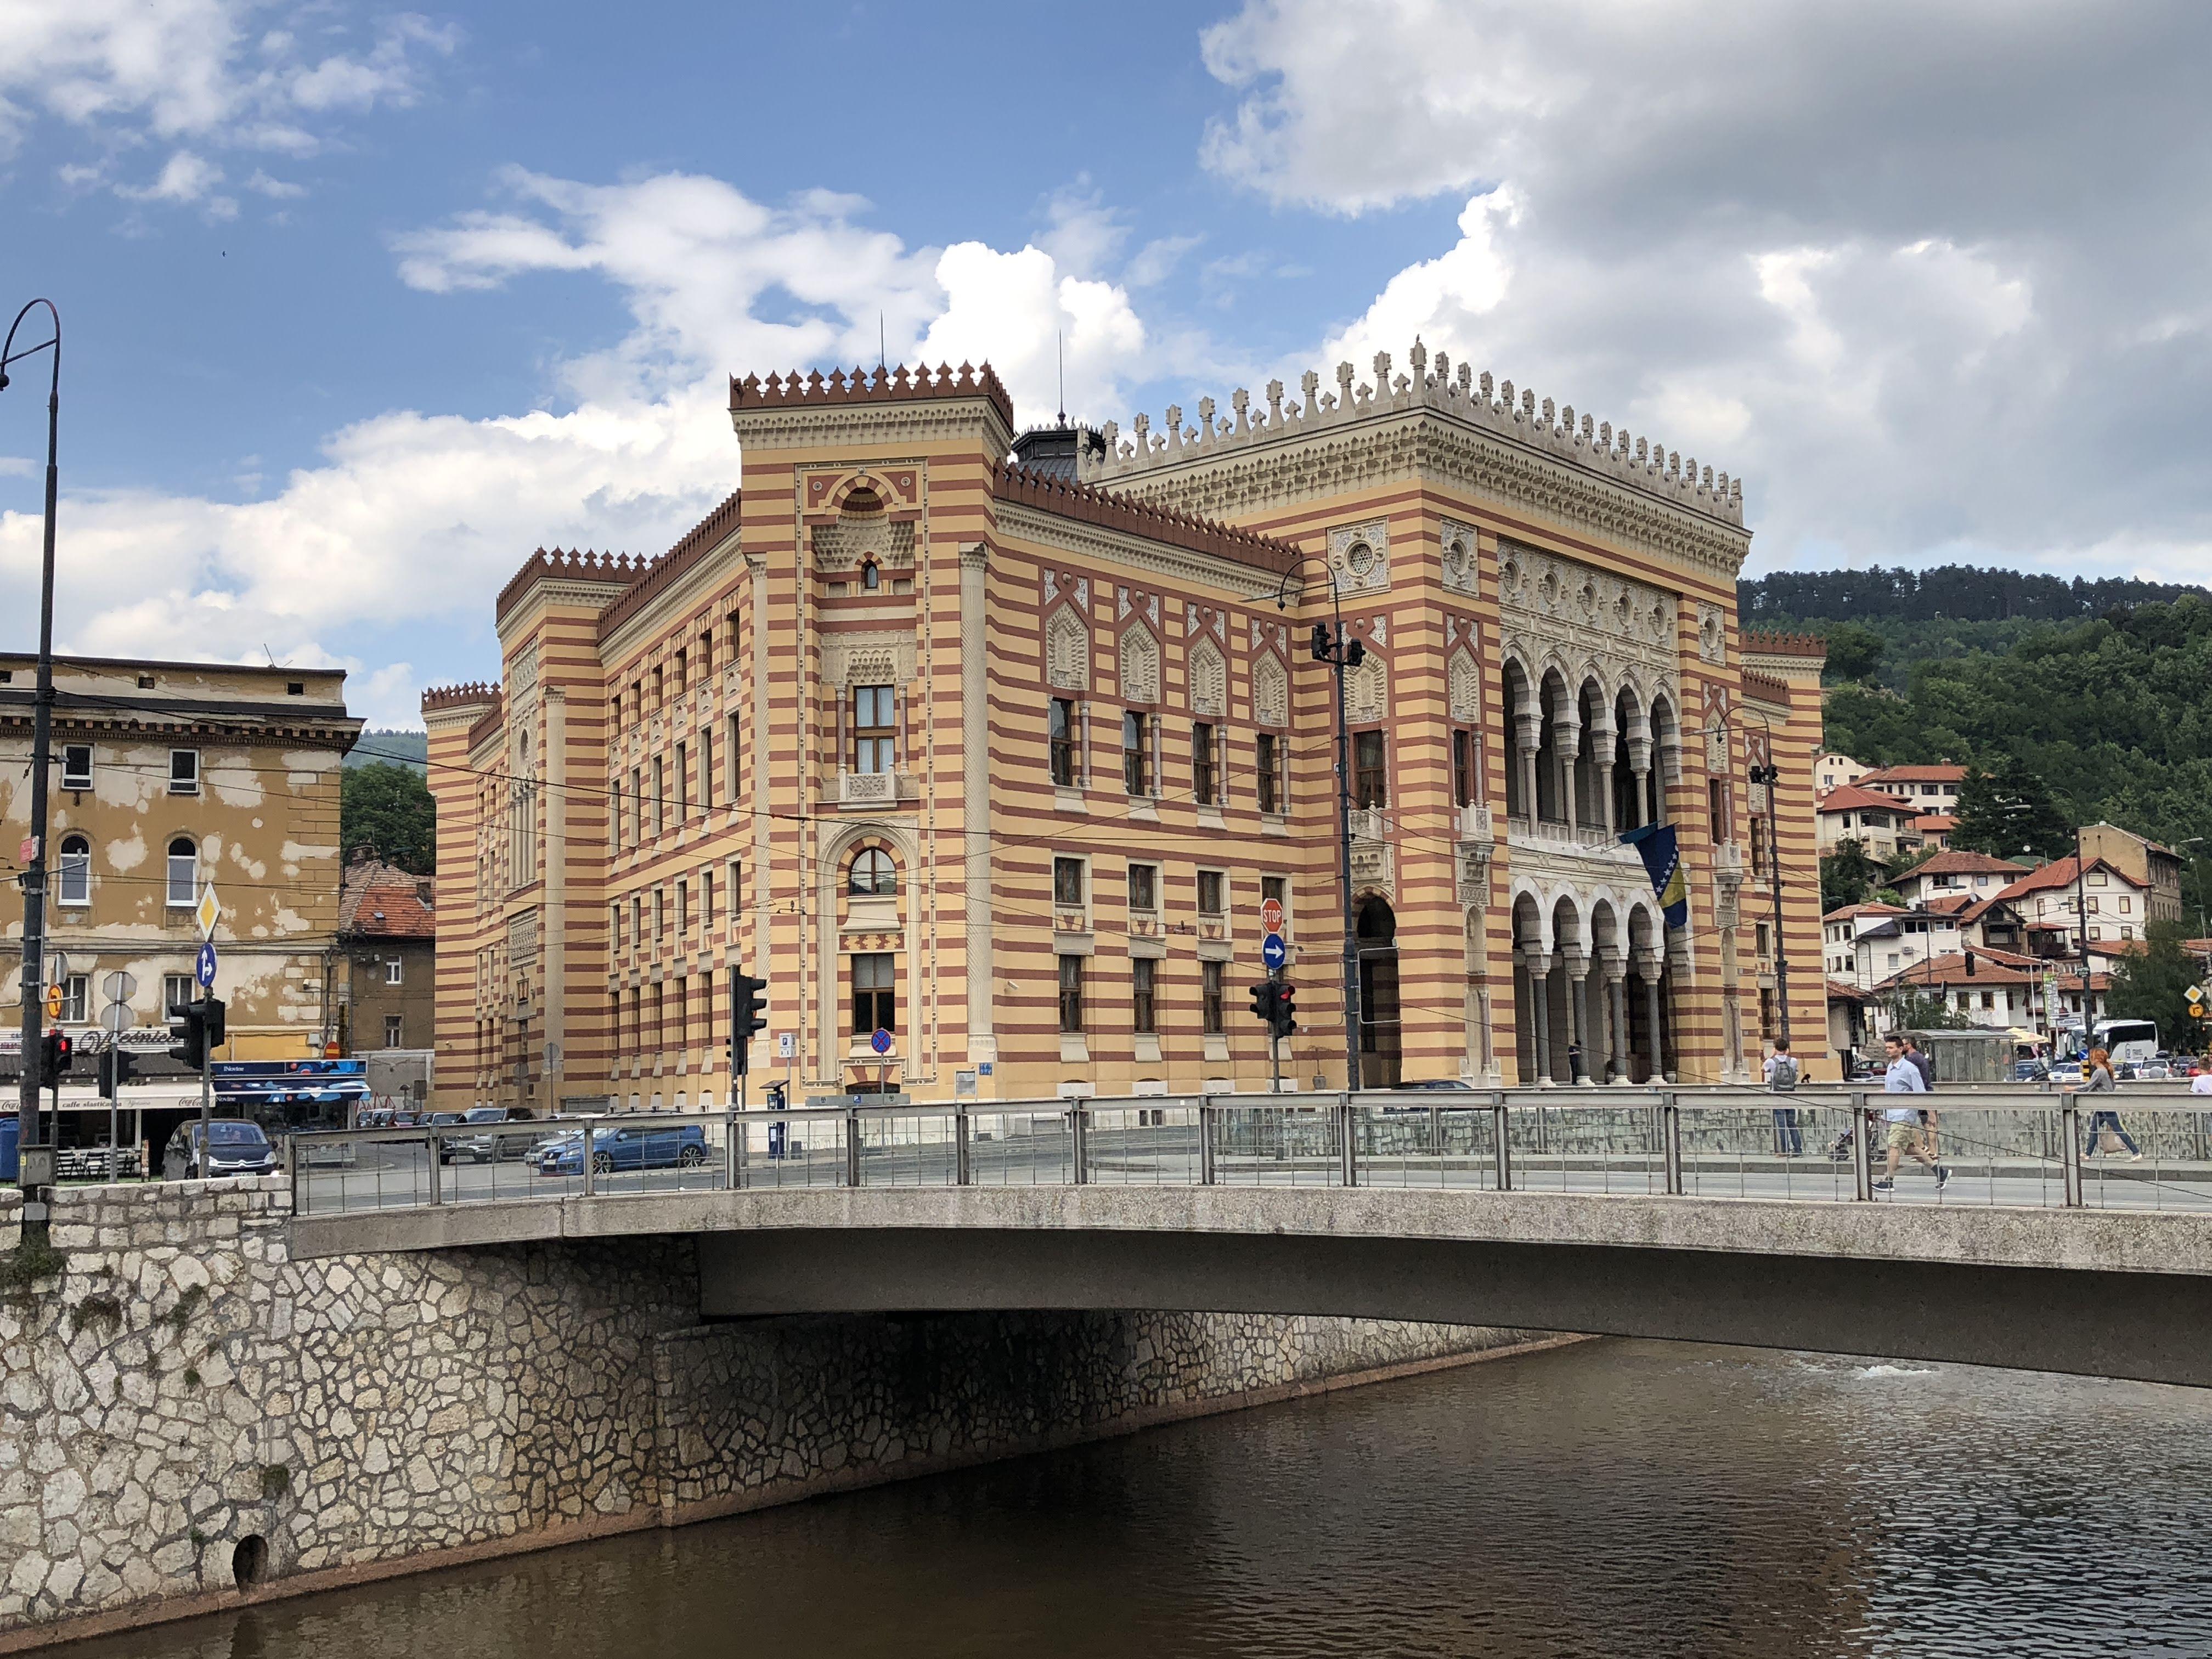 L'Hôtel de ville bibliothèque de Sarajevo, remarquablement reconstruite. /crédit photo JDL